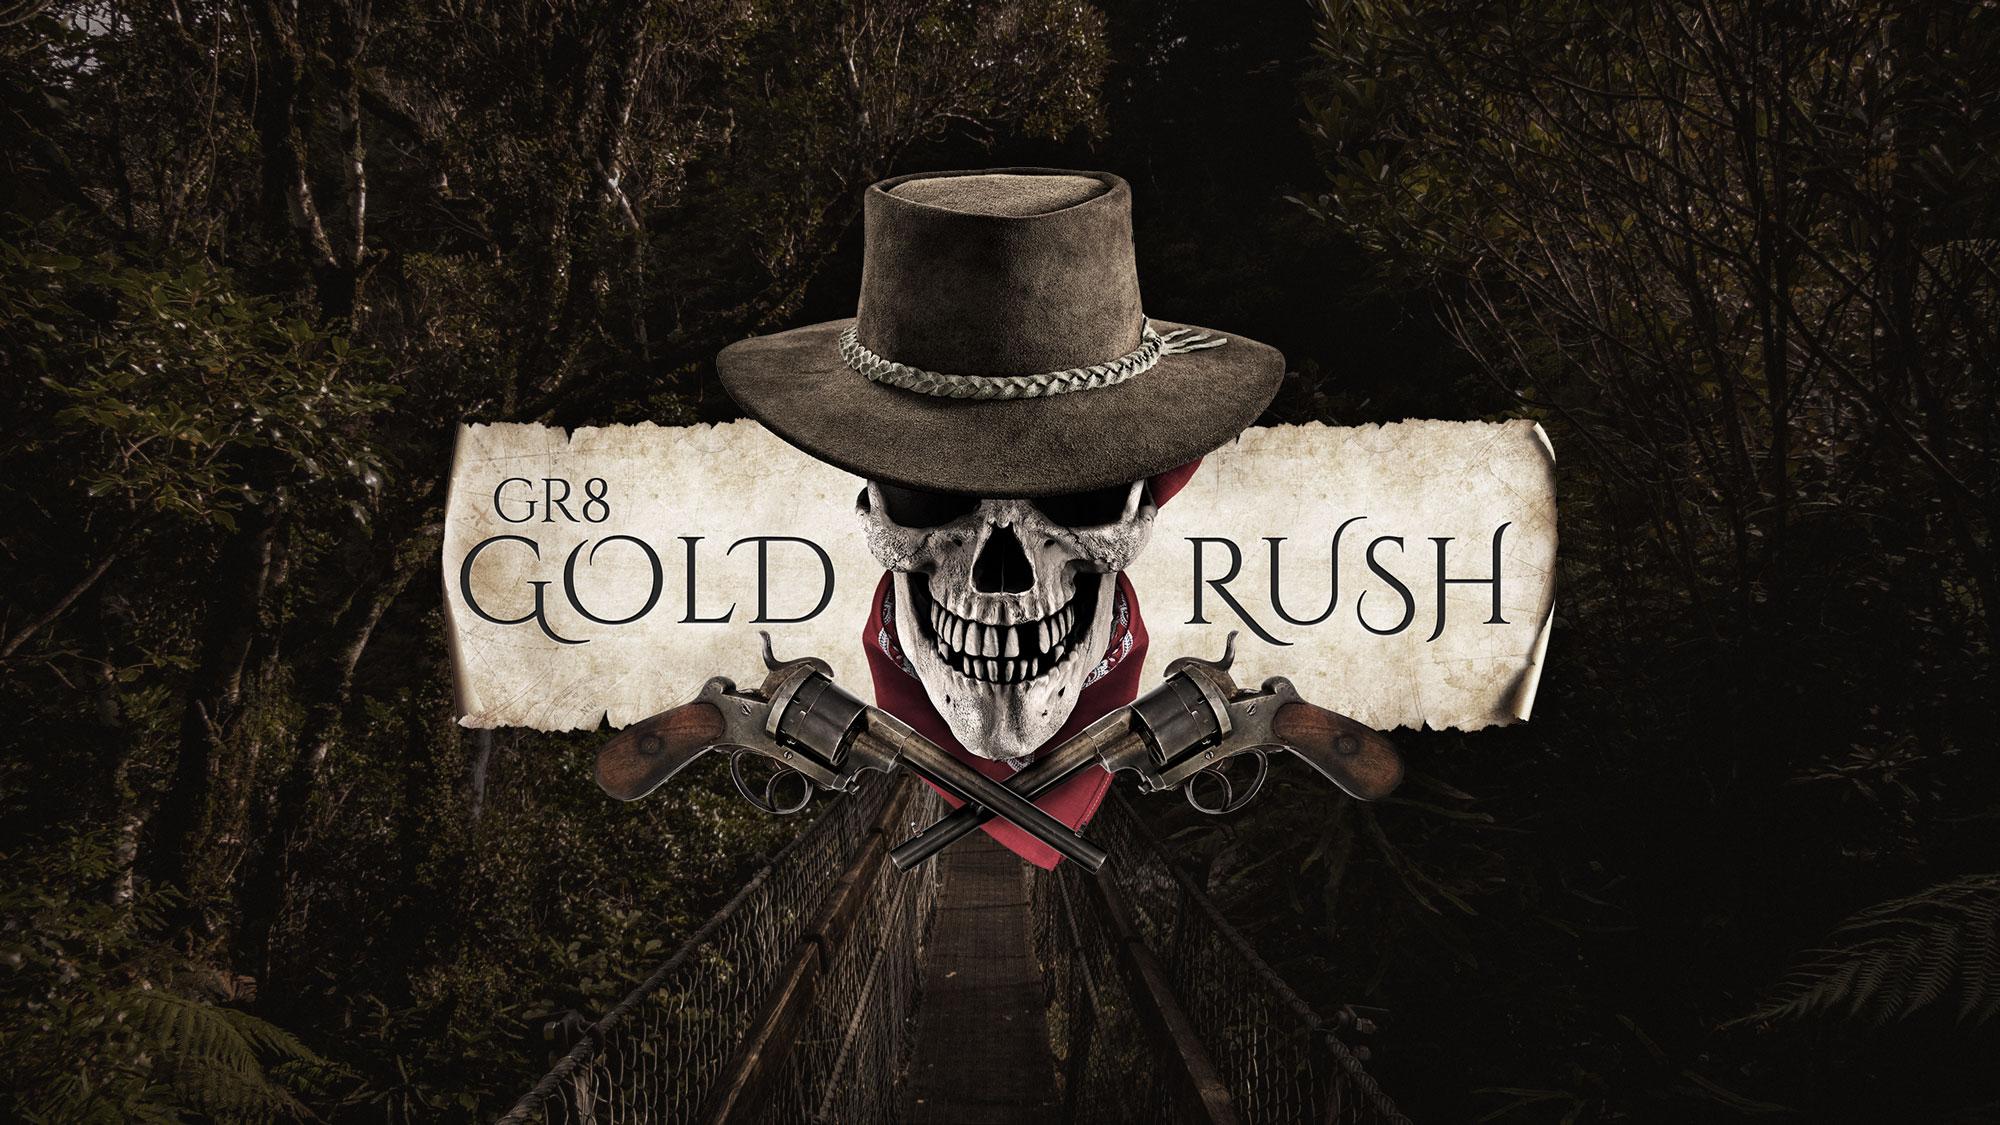 Gr8 Gold Rush